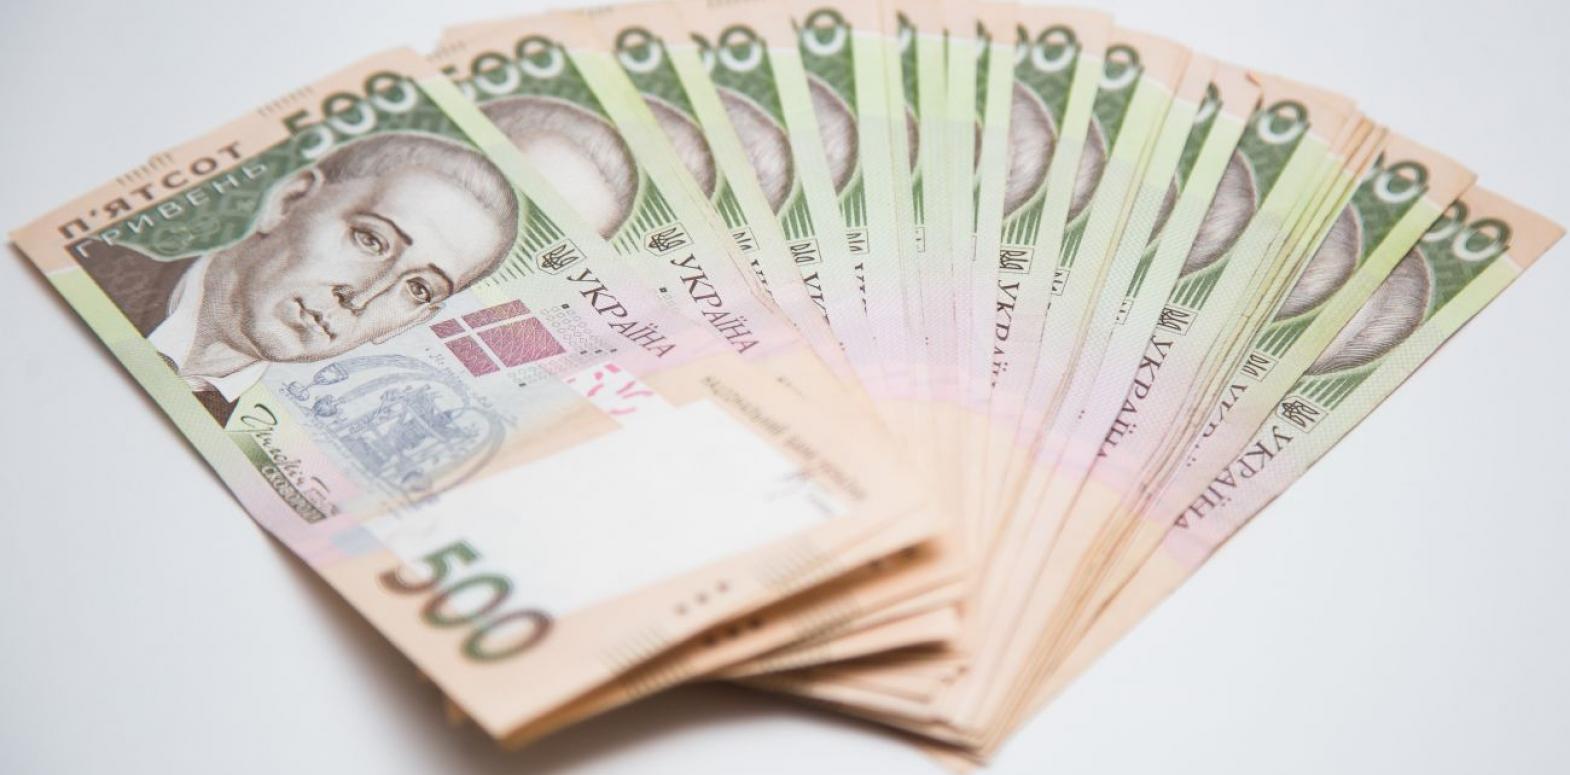 Кабмин выделил дополнительные деньги на выплату ФОПам по 8 тысяч гривен